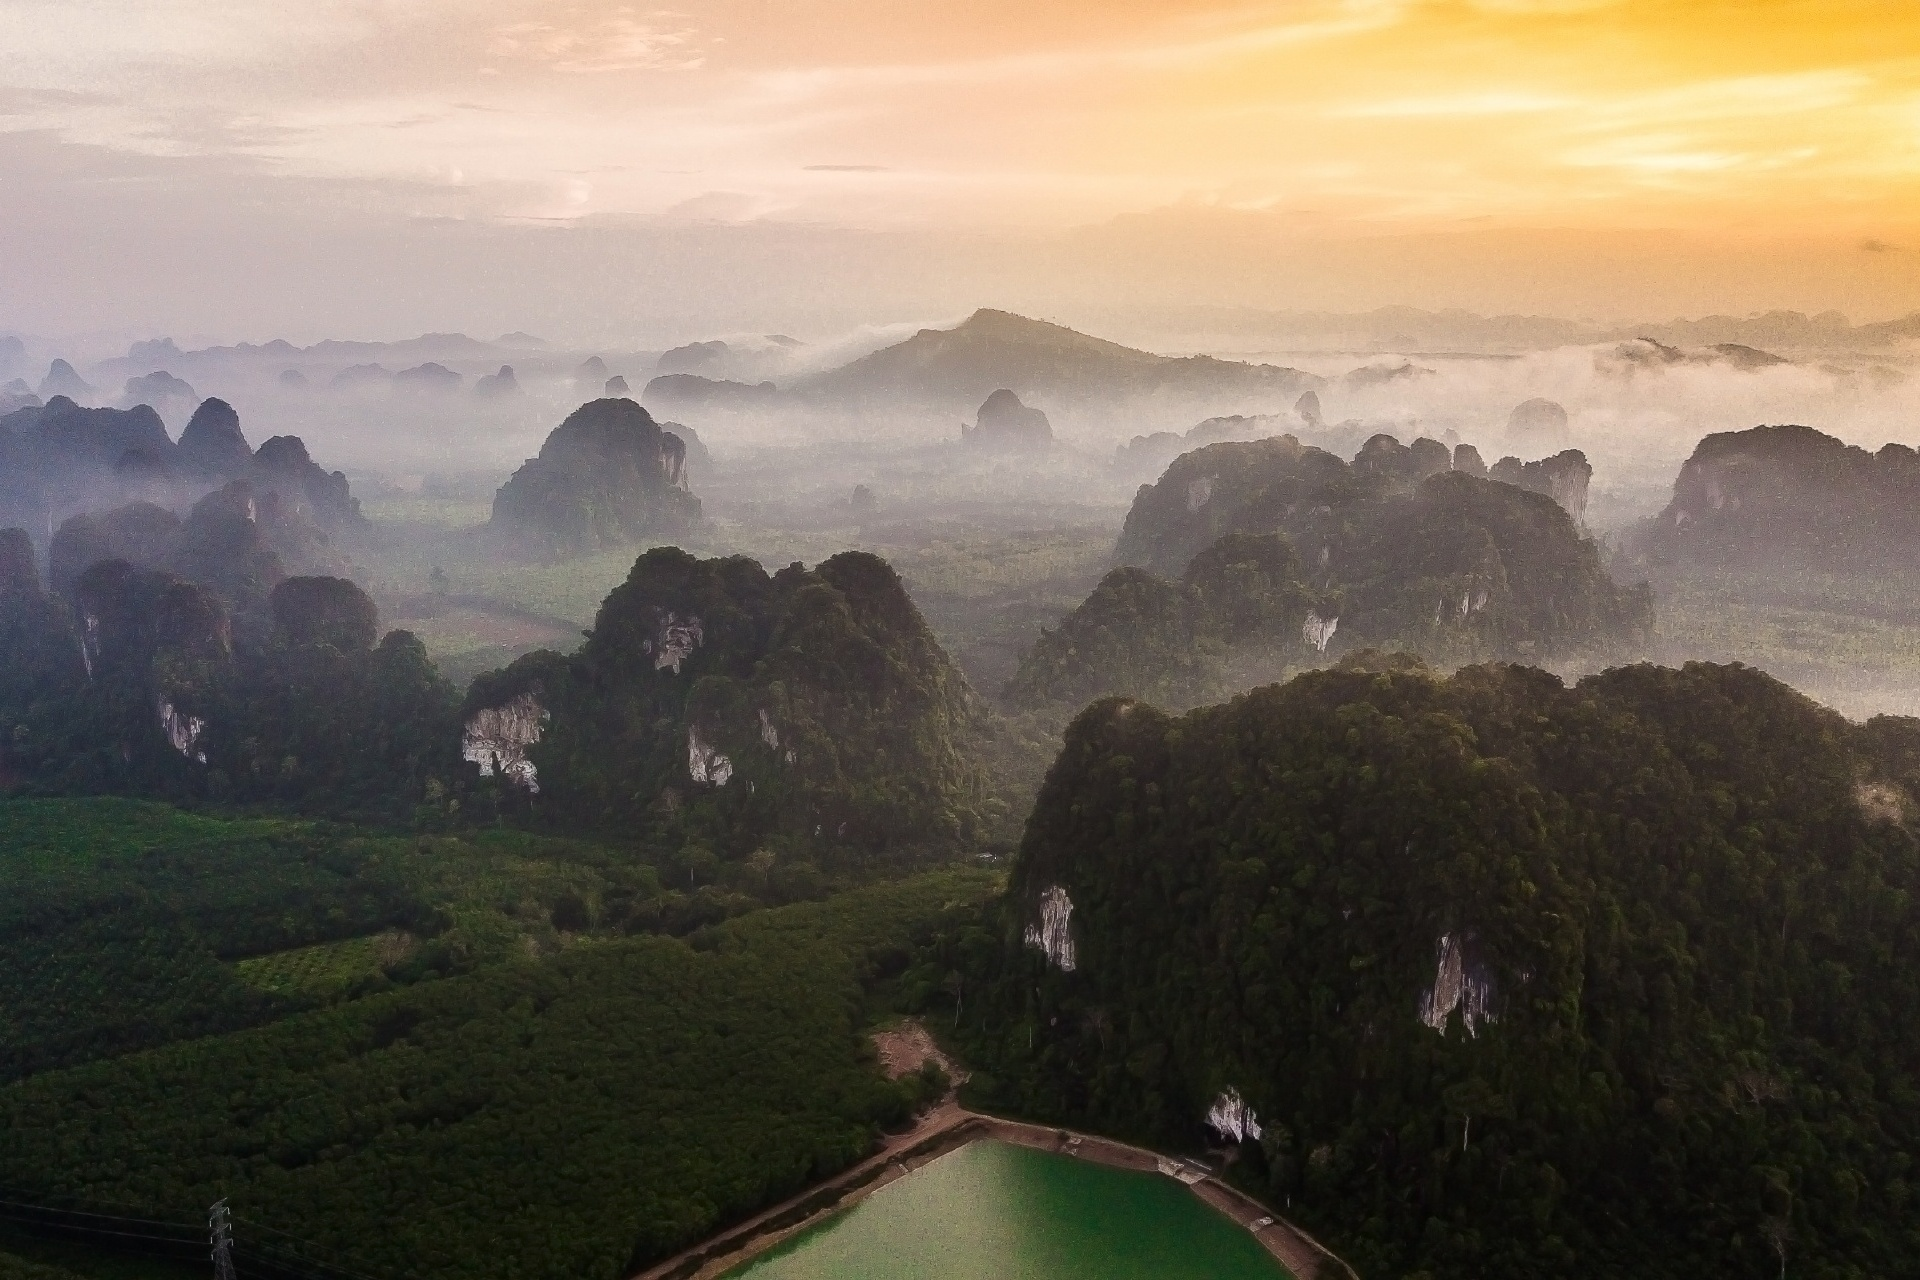 クラビの風景 タイの風景